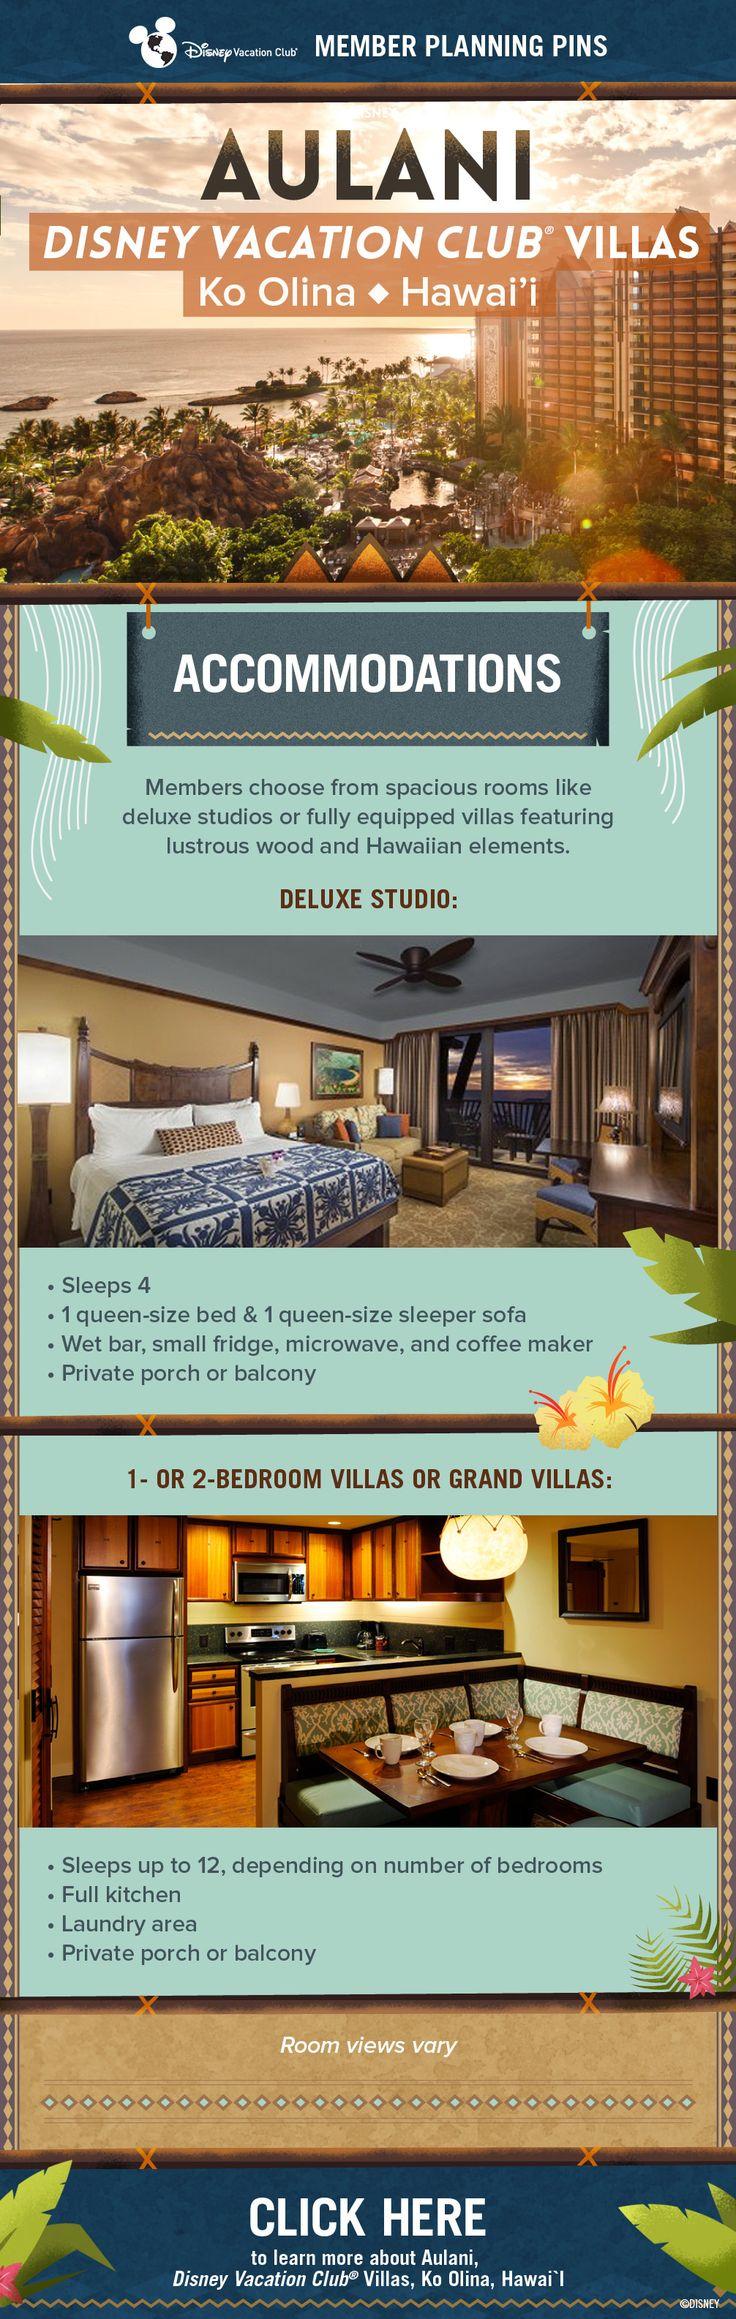 Aulani Disney Vacation Club Villas Ko Olina Hawai 39 I